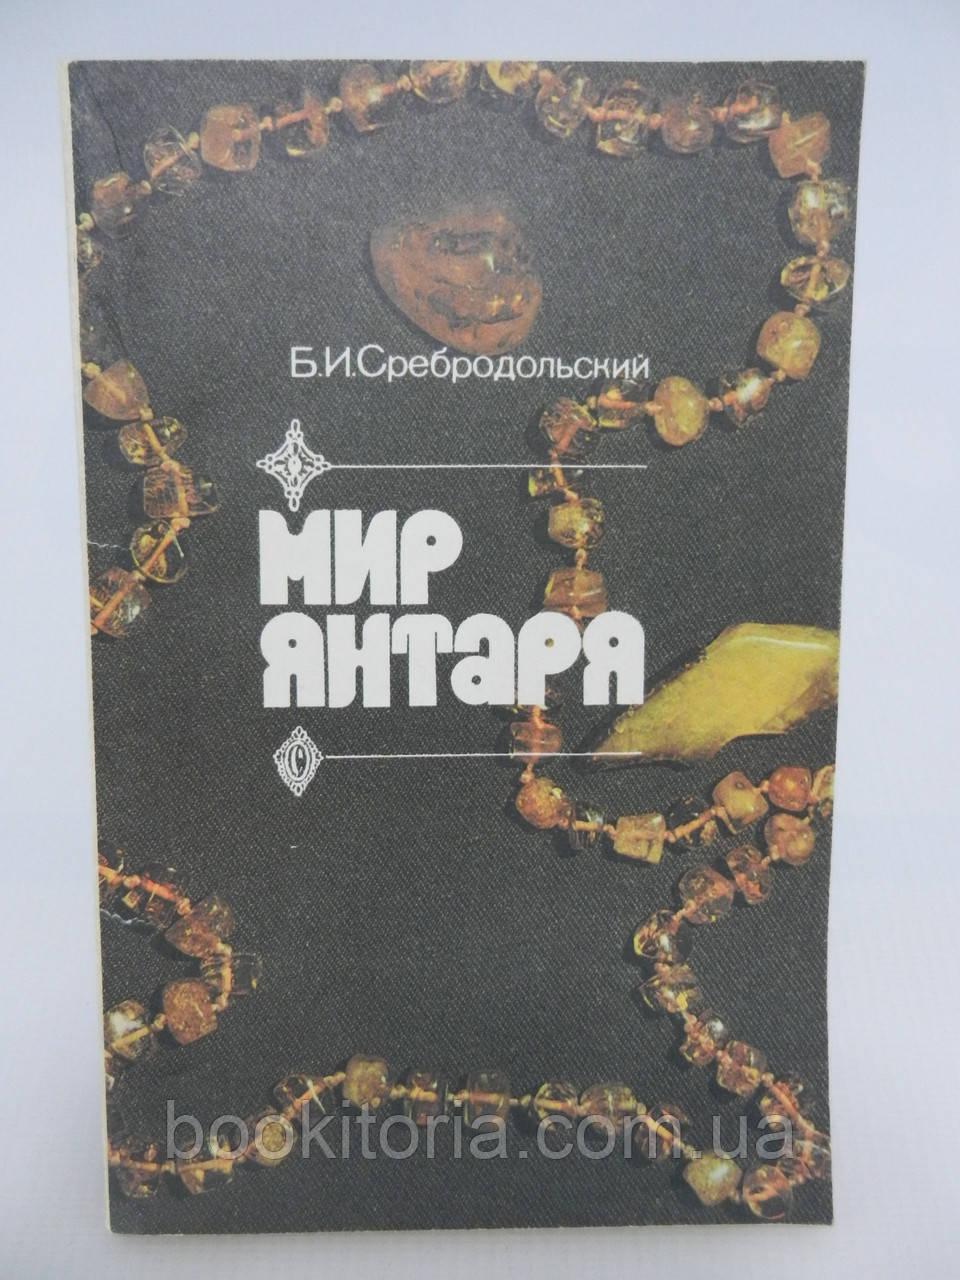 Сребродольский Б.И. Мир янтаря (б/у).